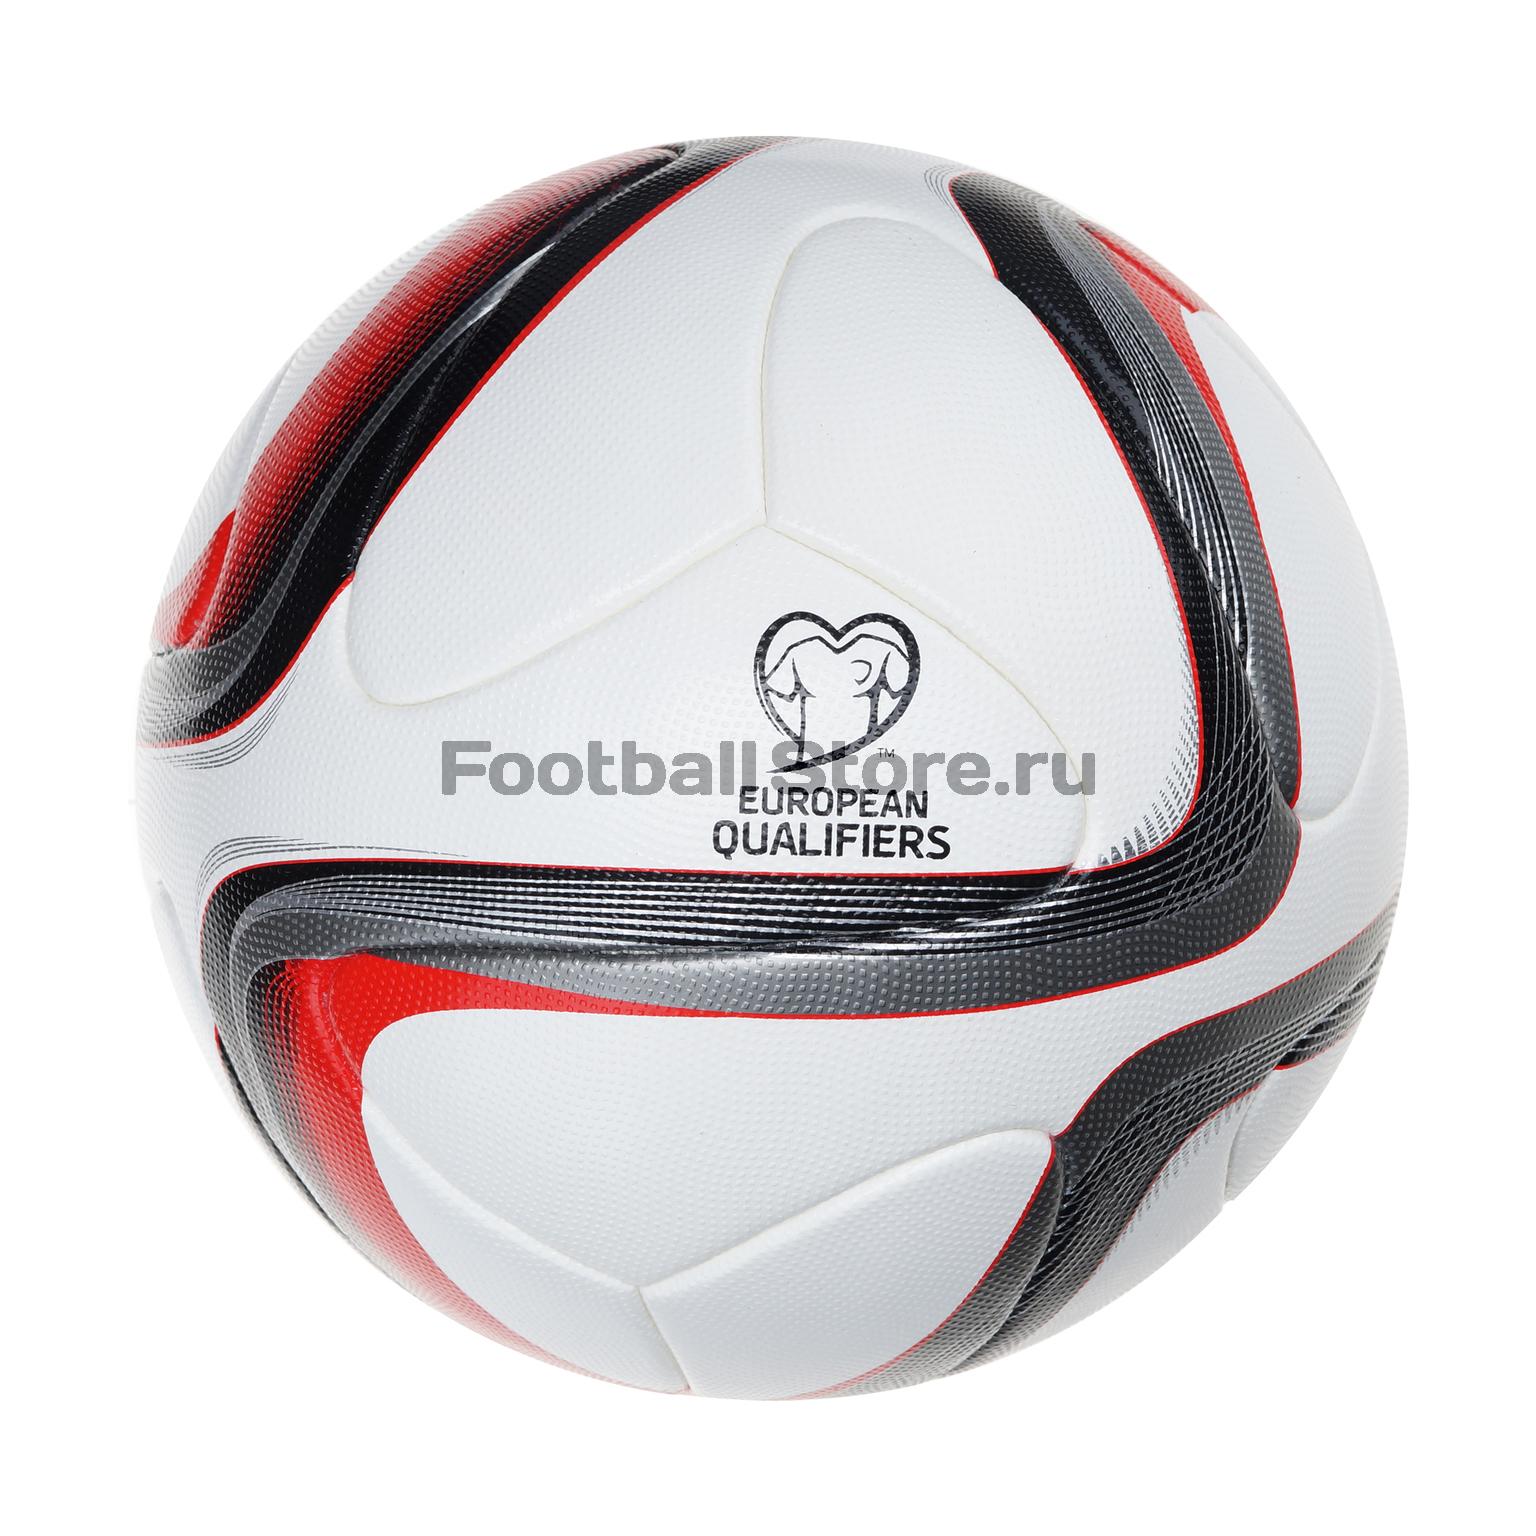 Мяч Adidas European Qualification F93413 – купить в интернет ... b9d0777e26edb